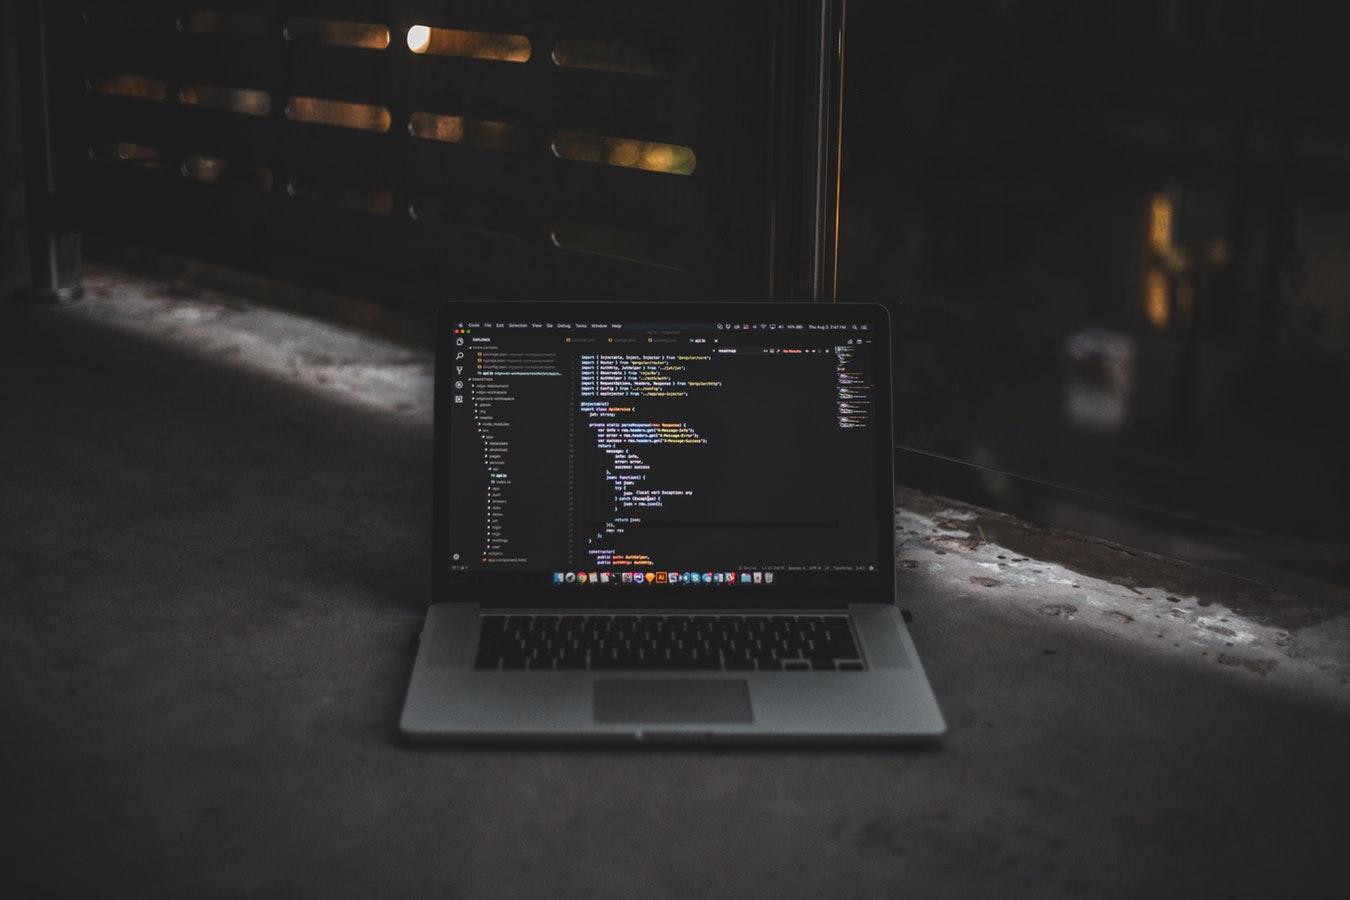 OpenCart Extension Development